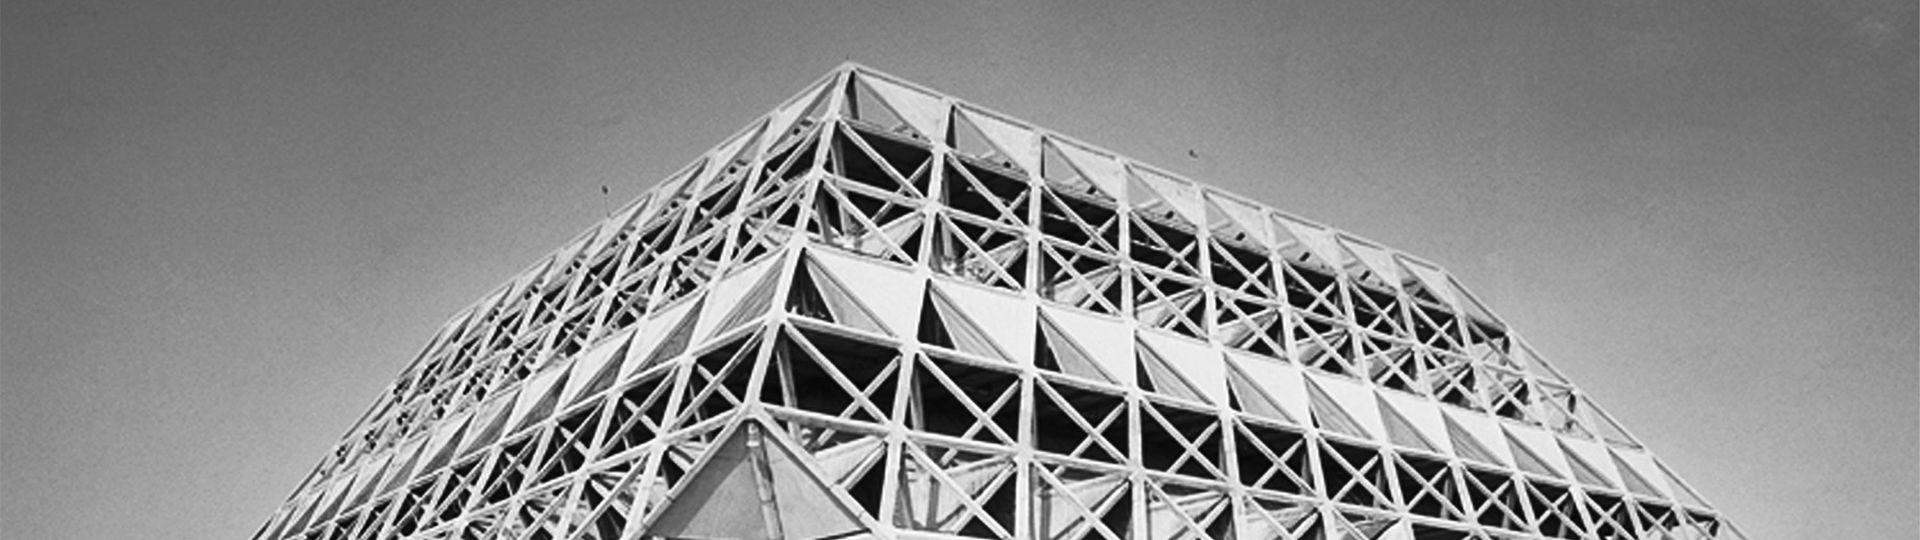 Modernit indienne l 39 architecture de raj rewal artfifa for Architecture indienne